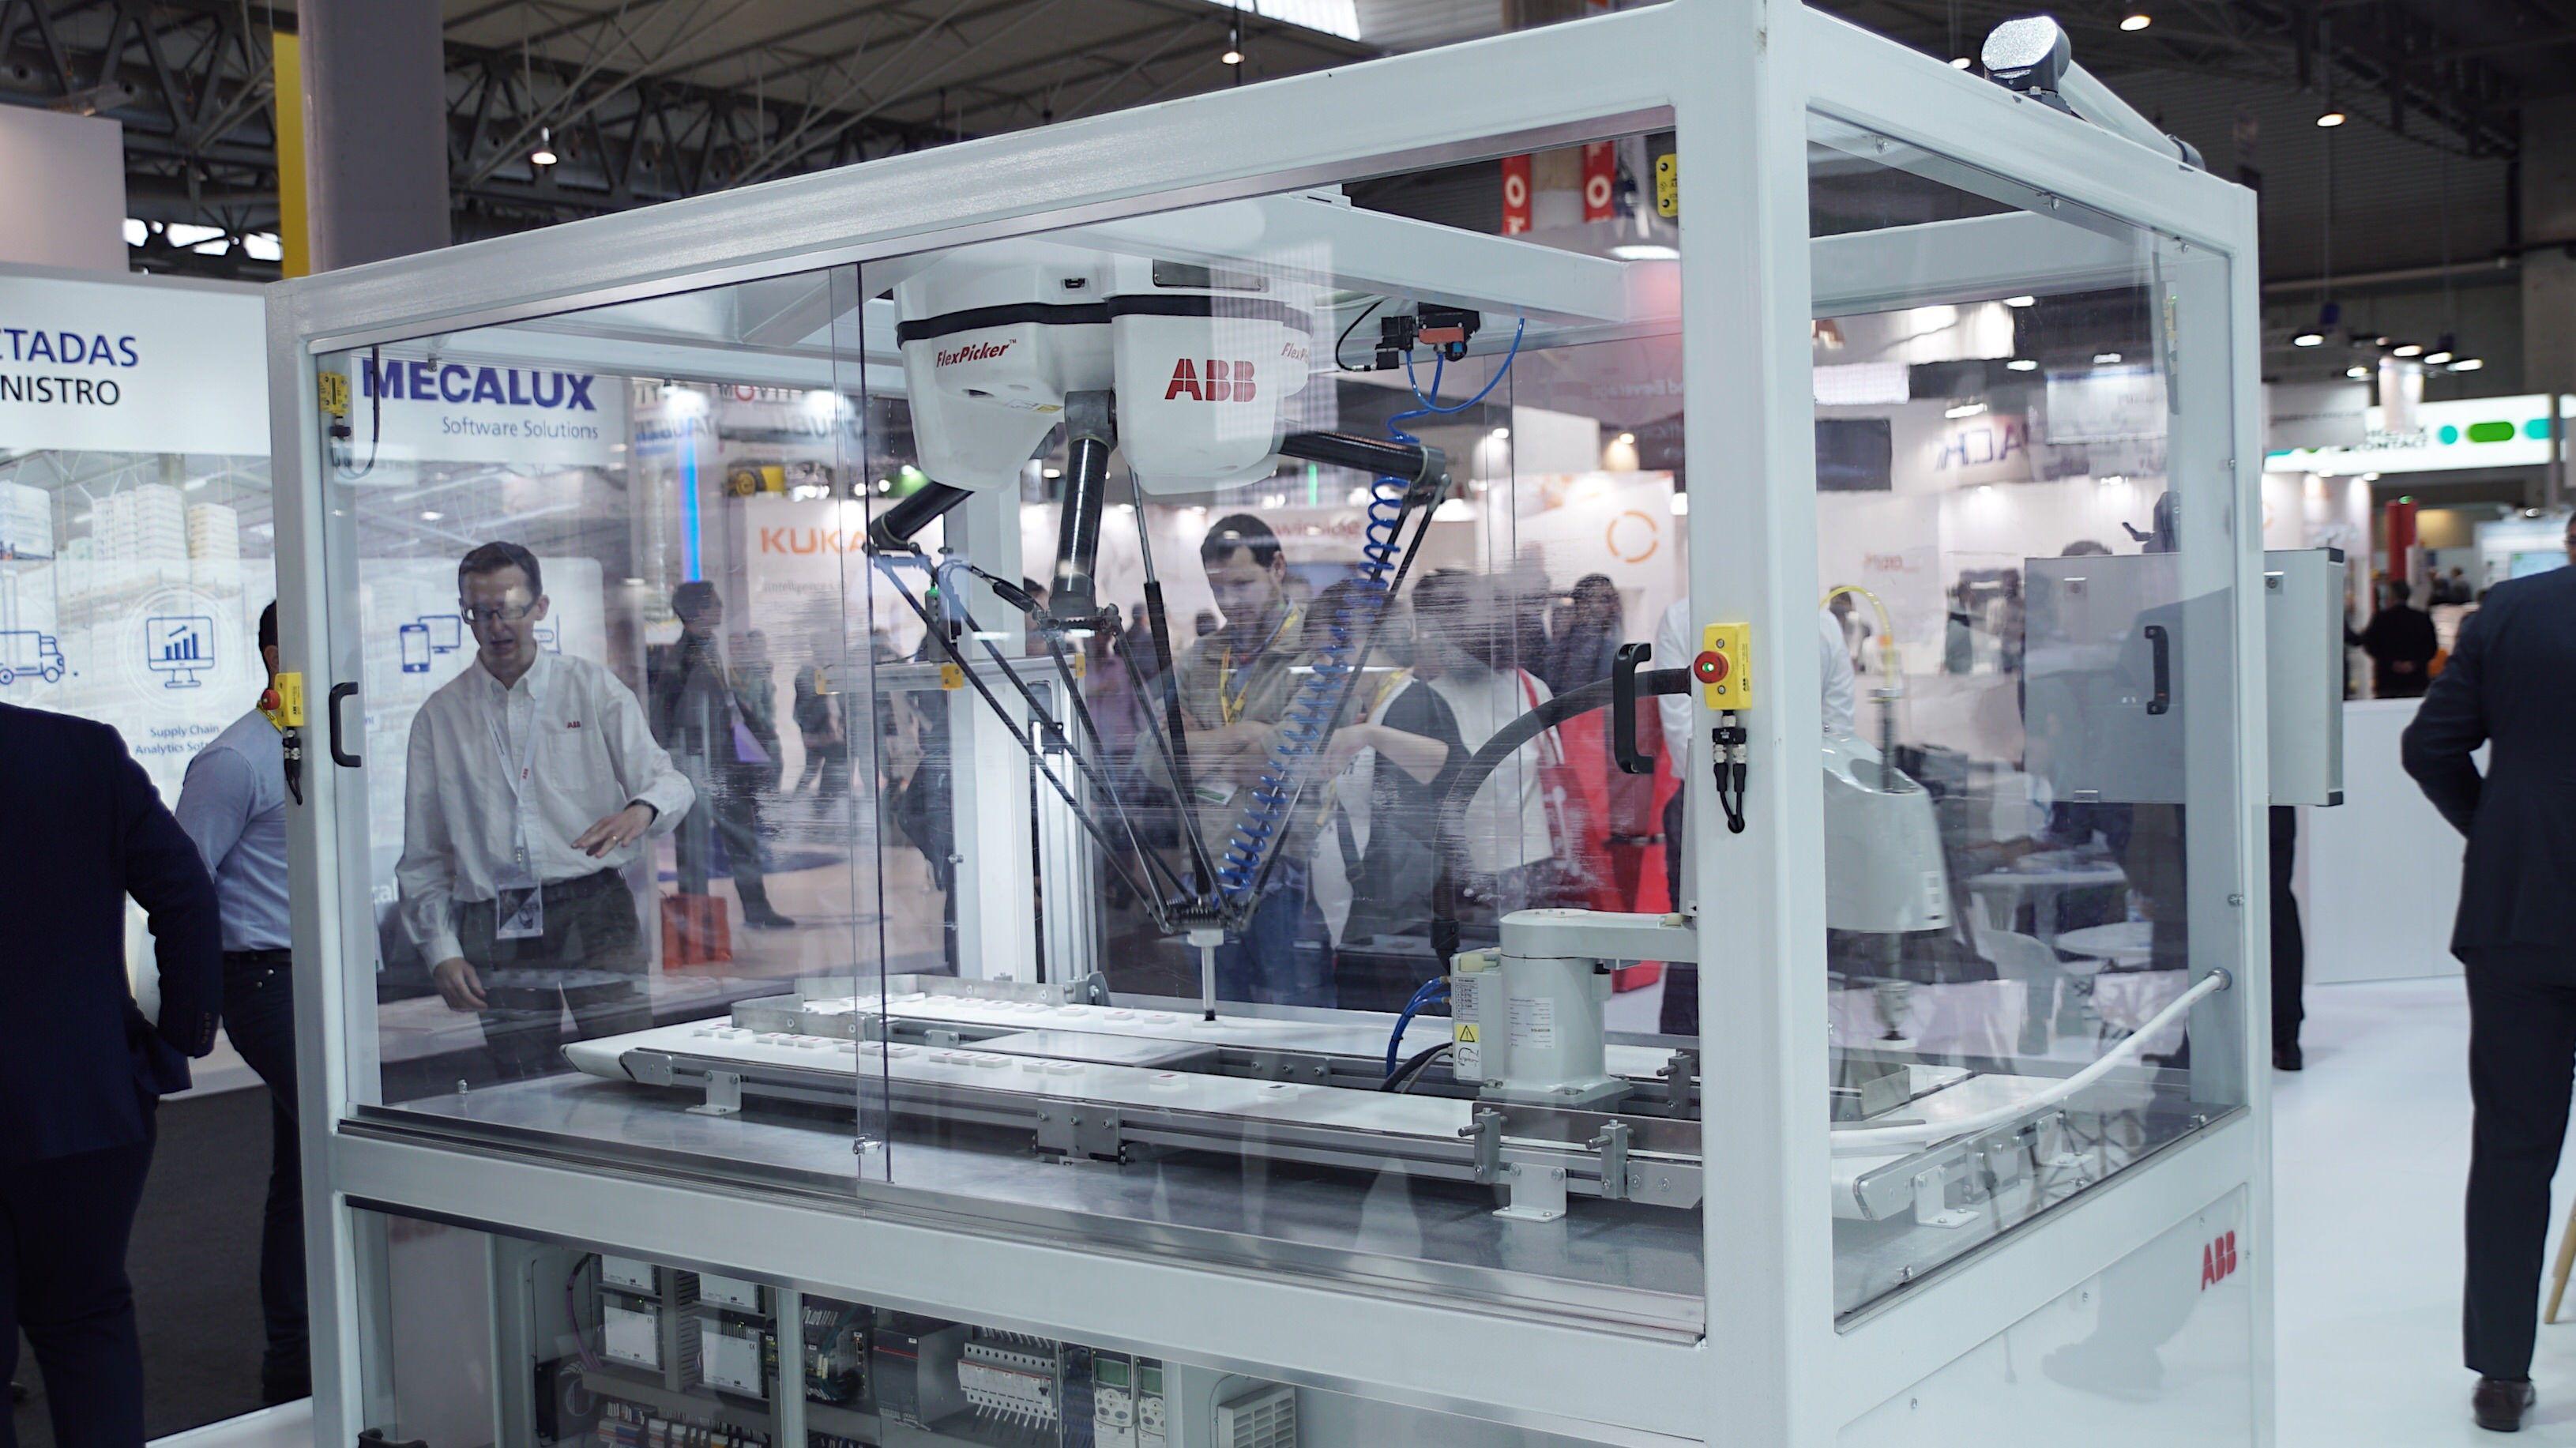 Fotografia IRB 360 FlexPickerTM by ABB Robotics